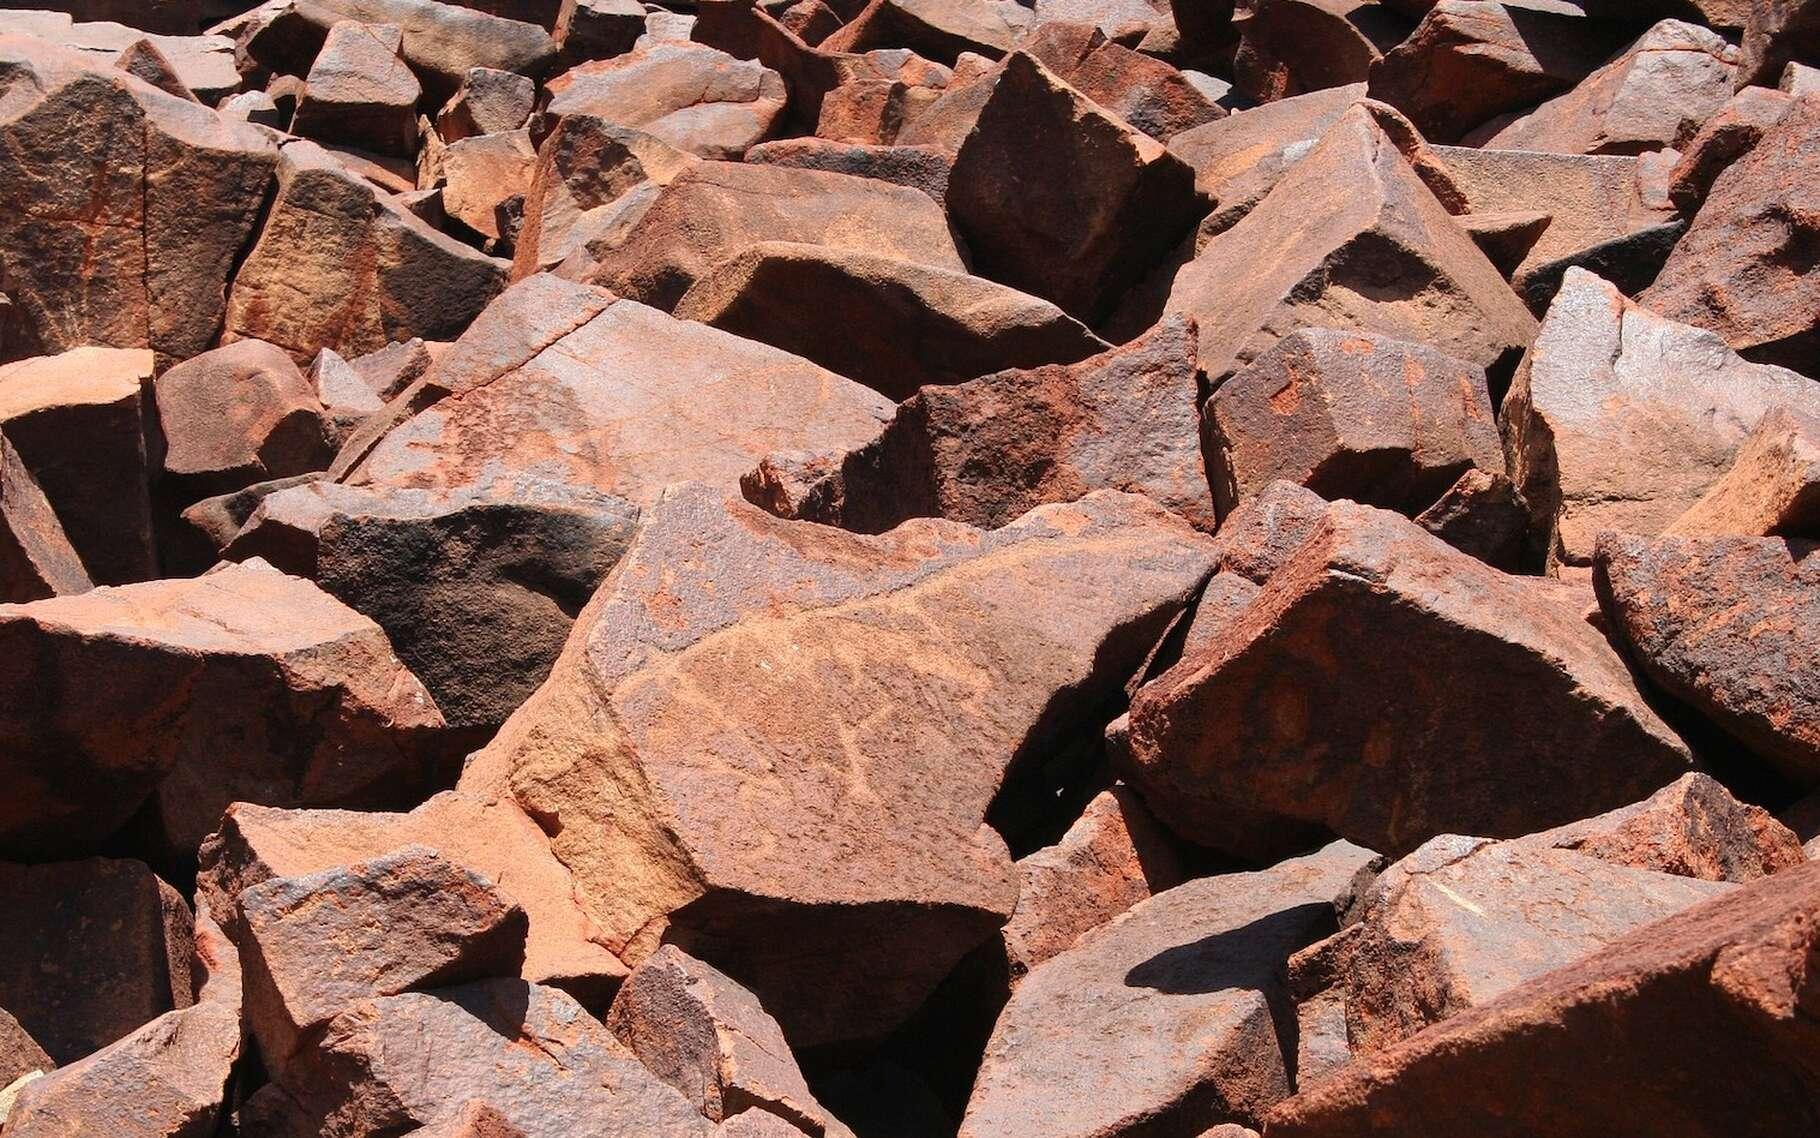 À l'ouest de l'Australie, des chercheurs ont découvert des stromatolites vieux de 3,5 milliards d'années dans les années 1980. Aujourd'hui, ils confirment enfin qu'ils contiennent des restes microbiens, parmi les plus anciennes traces de vie sur Terre. © MrBlack, Pixabay License